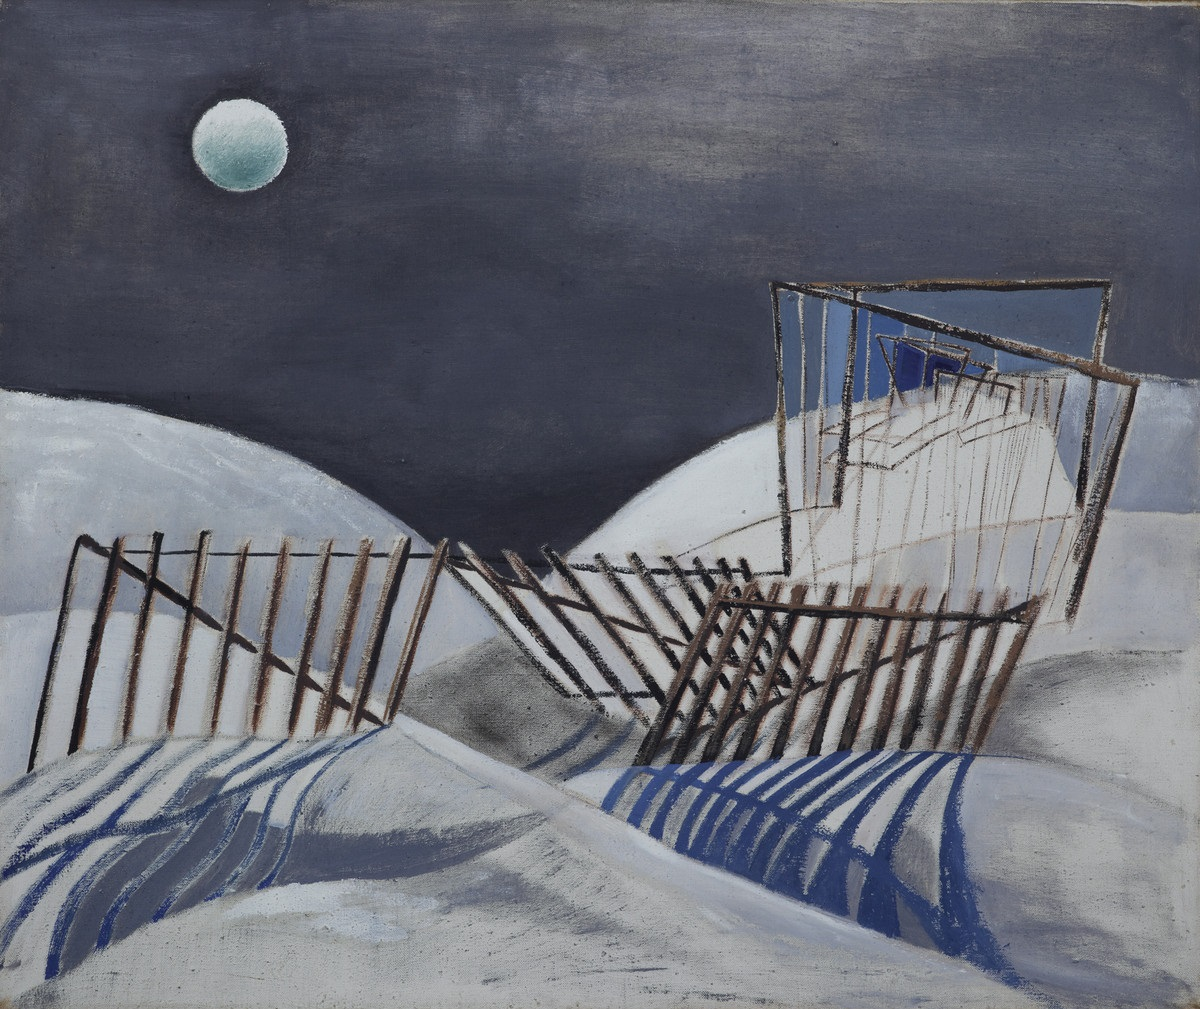 Steinforth, Peter, Schneeverwehungen